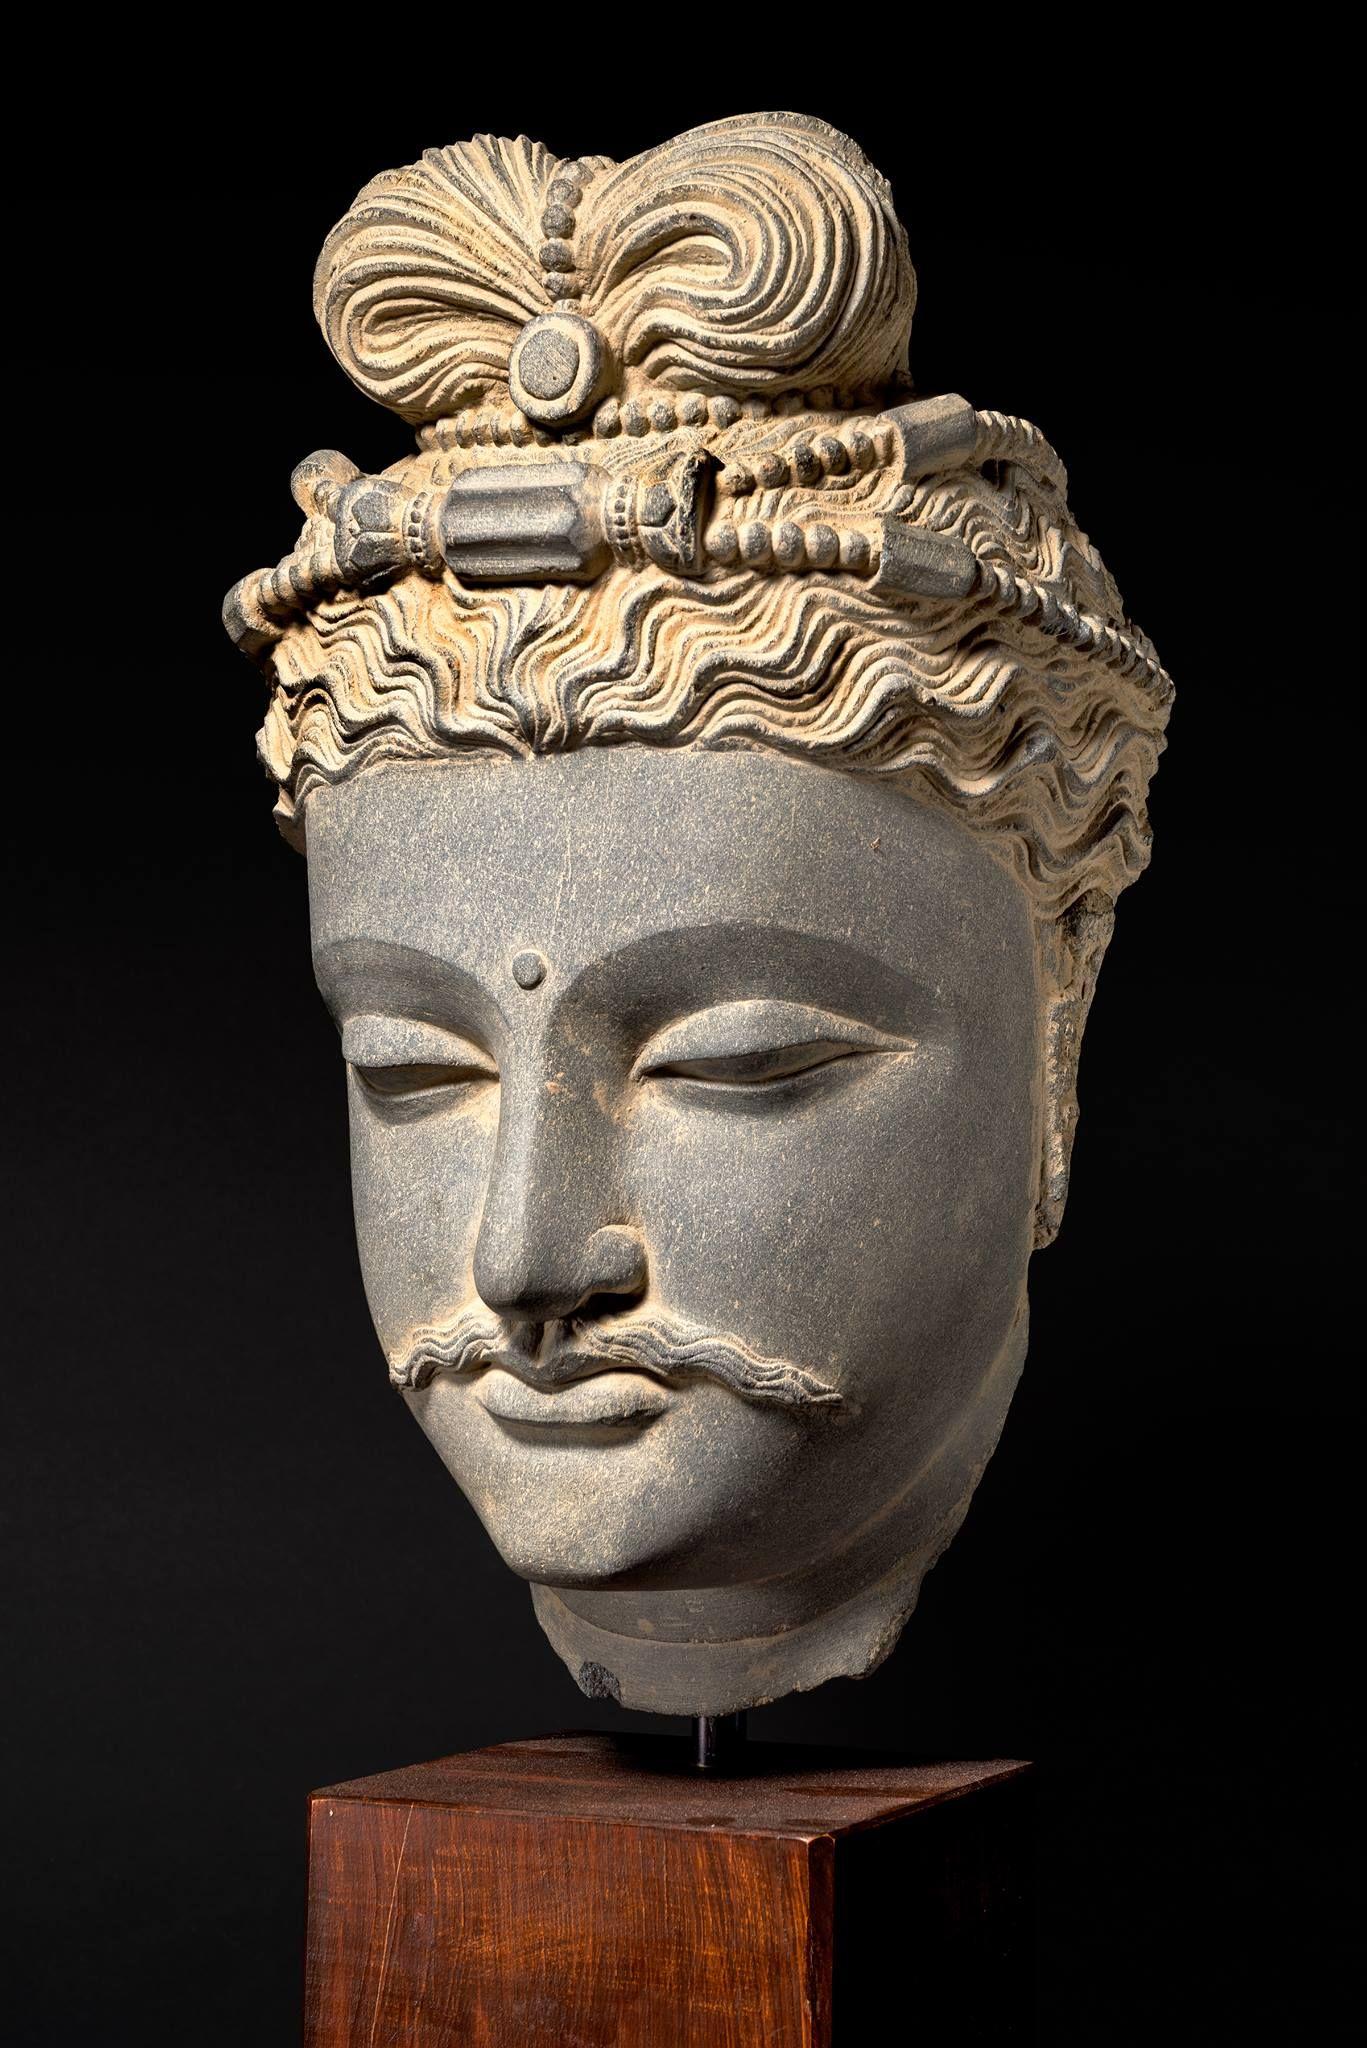 Bodhisattva Head Ancient Region Of Gandhara Modern Day